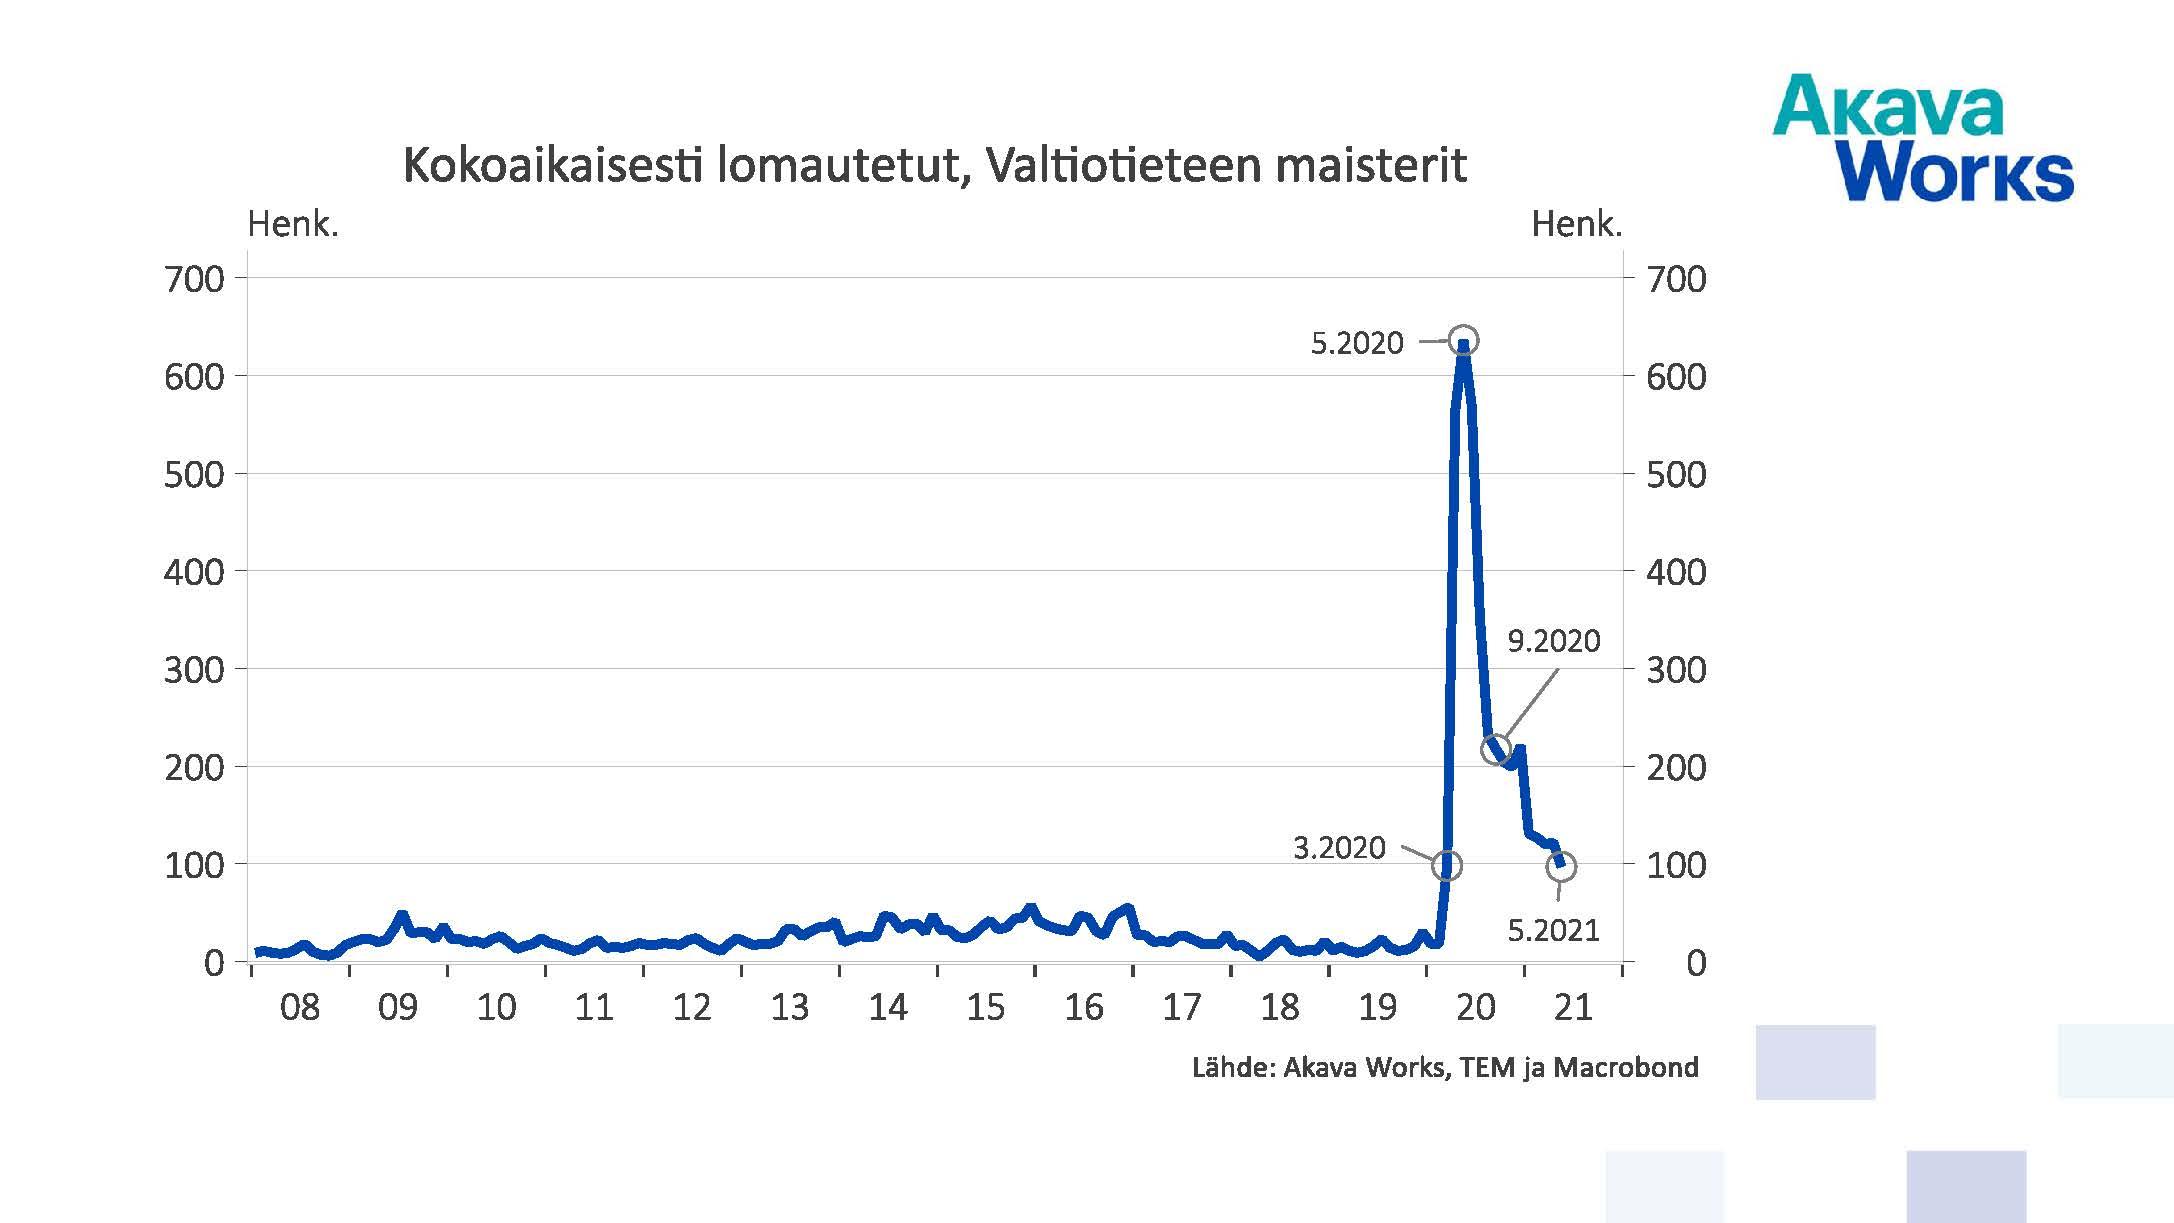 Kokoaikaisesti lomautetut valtiotieteiden maisterit 01/2008 - 05/2021